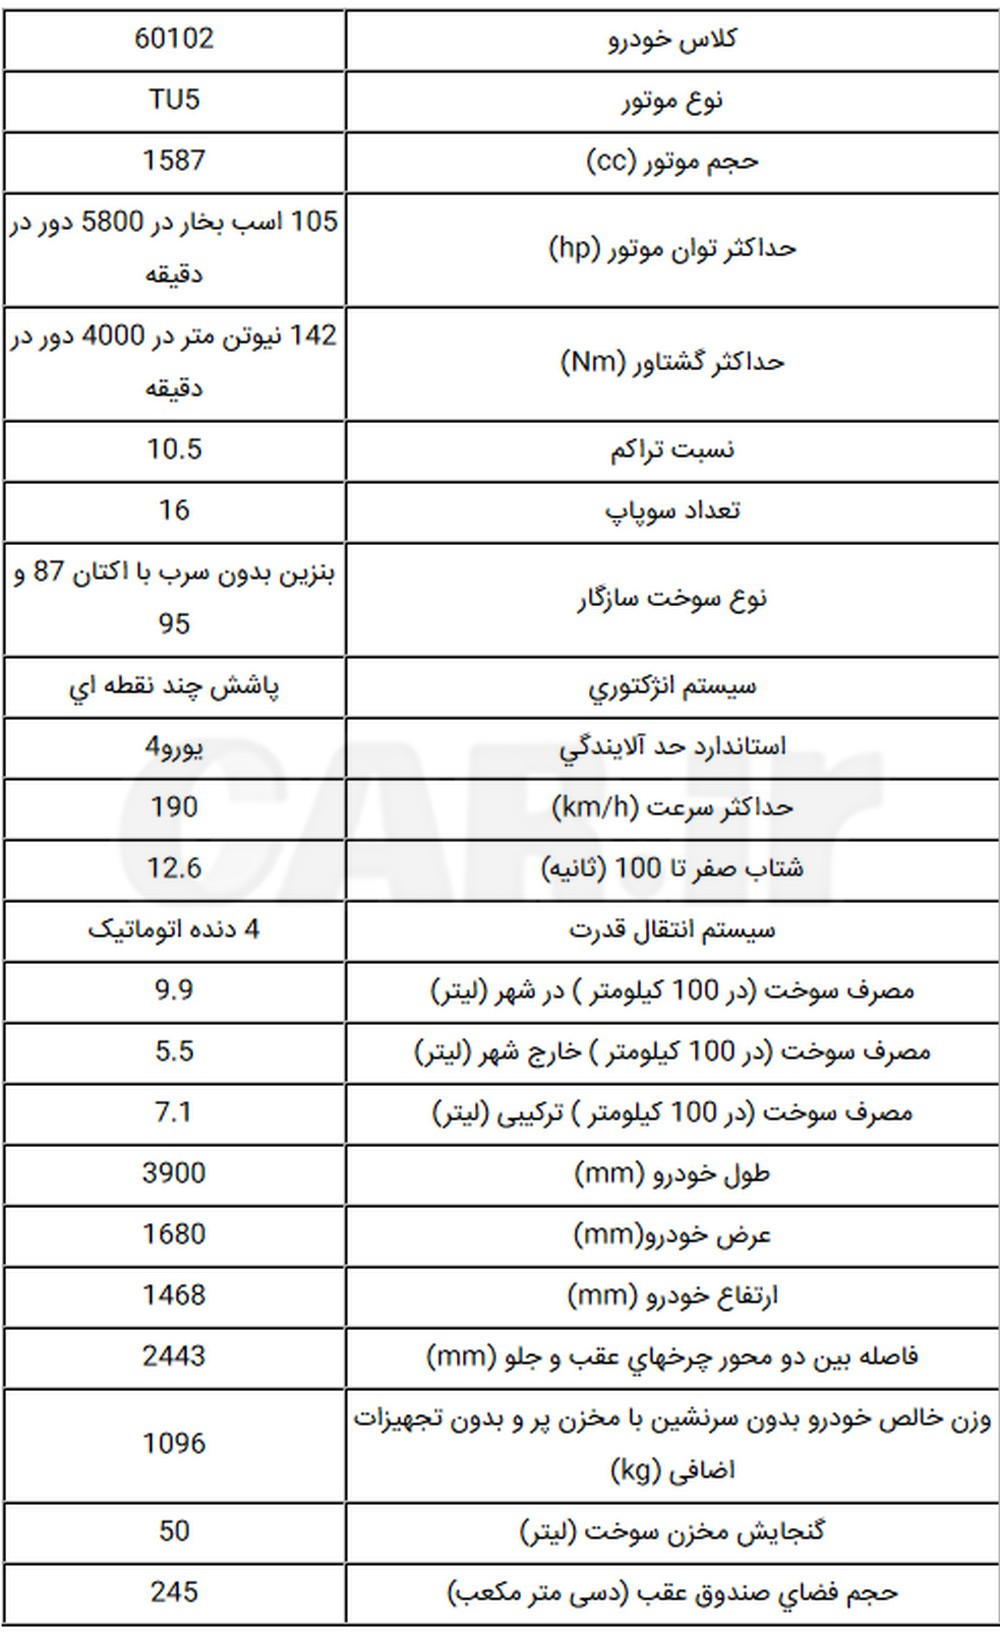 معرفی و مشخصات کامل پژو 207 جدید اتوماتیک شرکت ایران خودرو